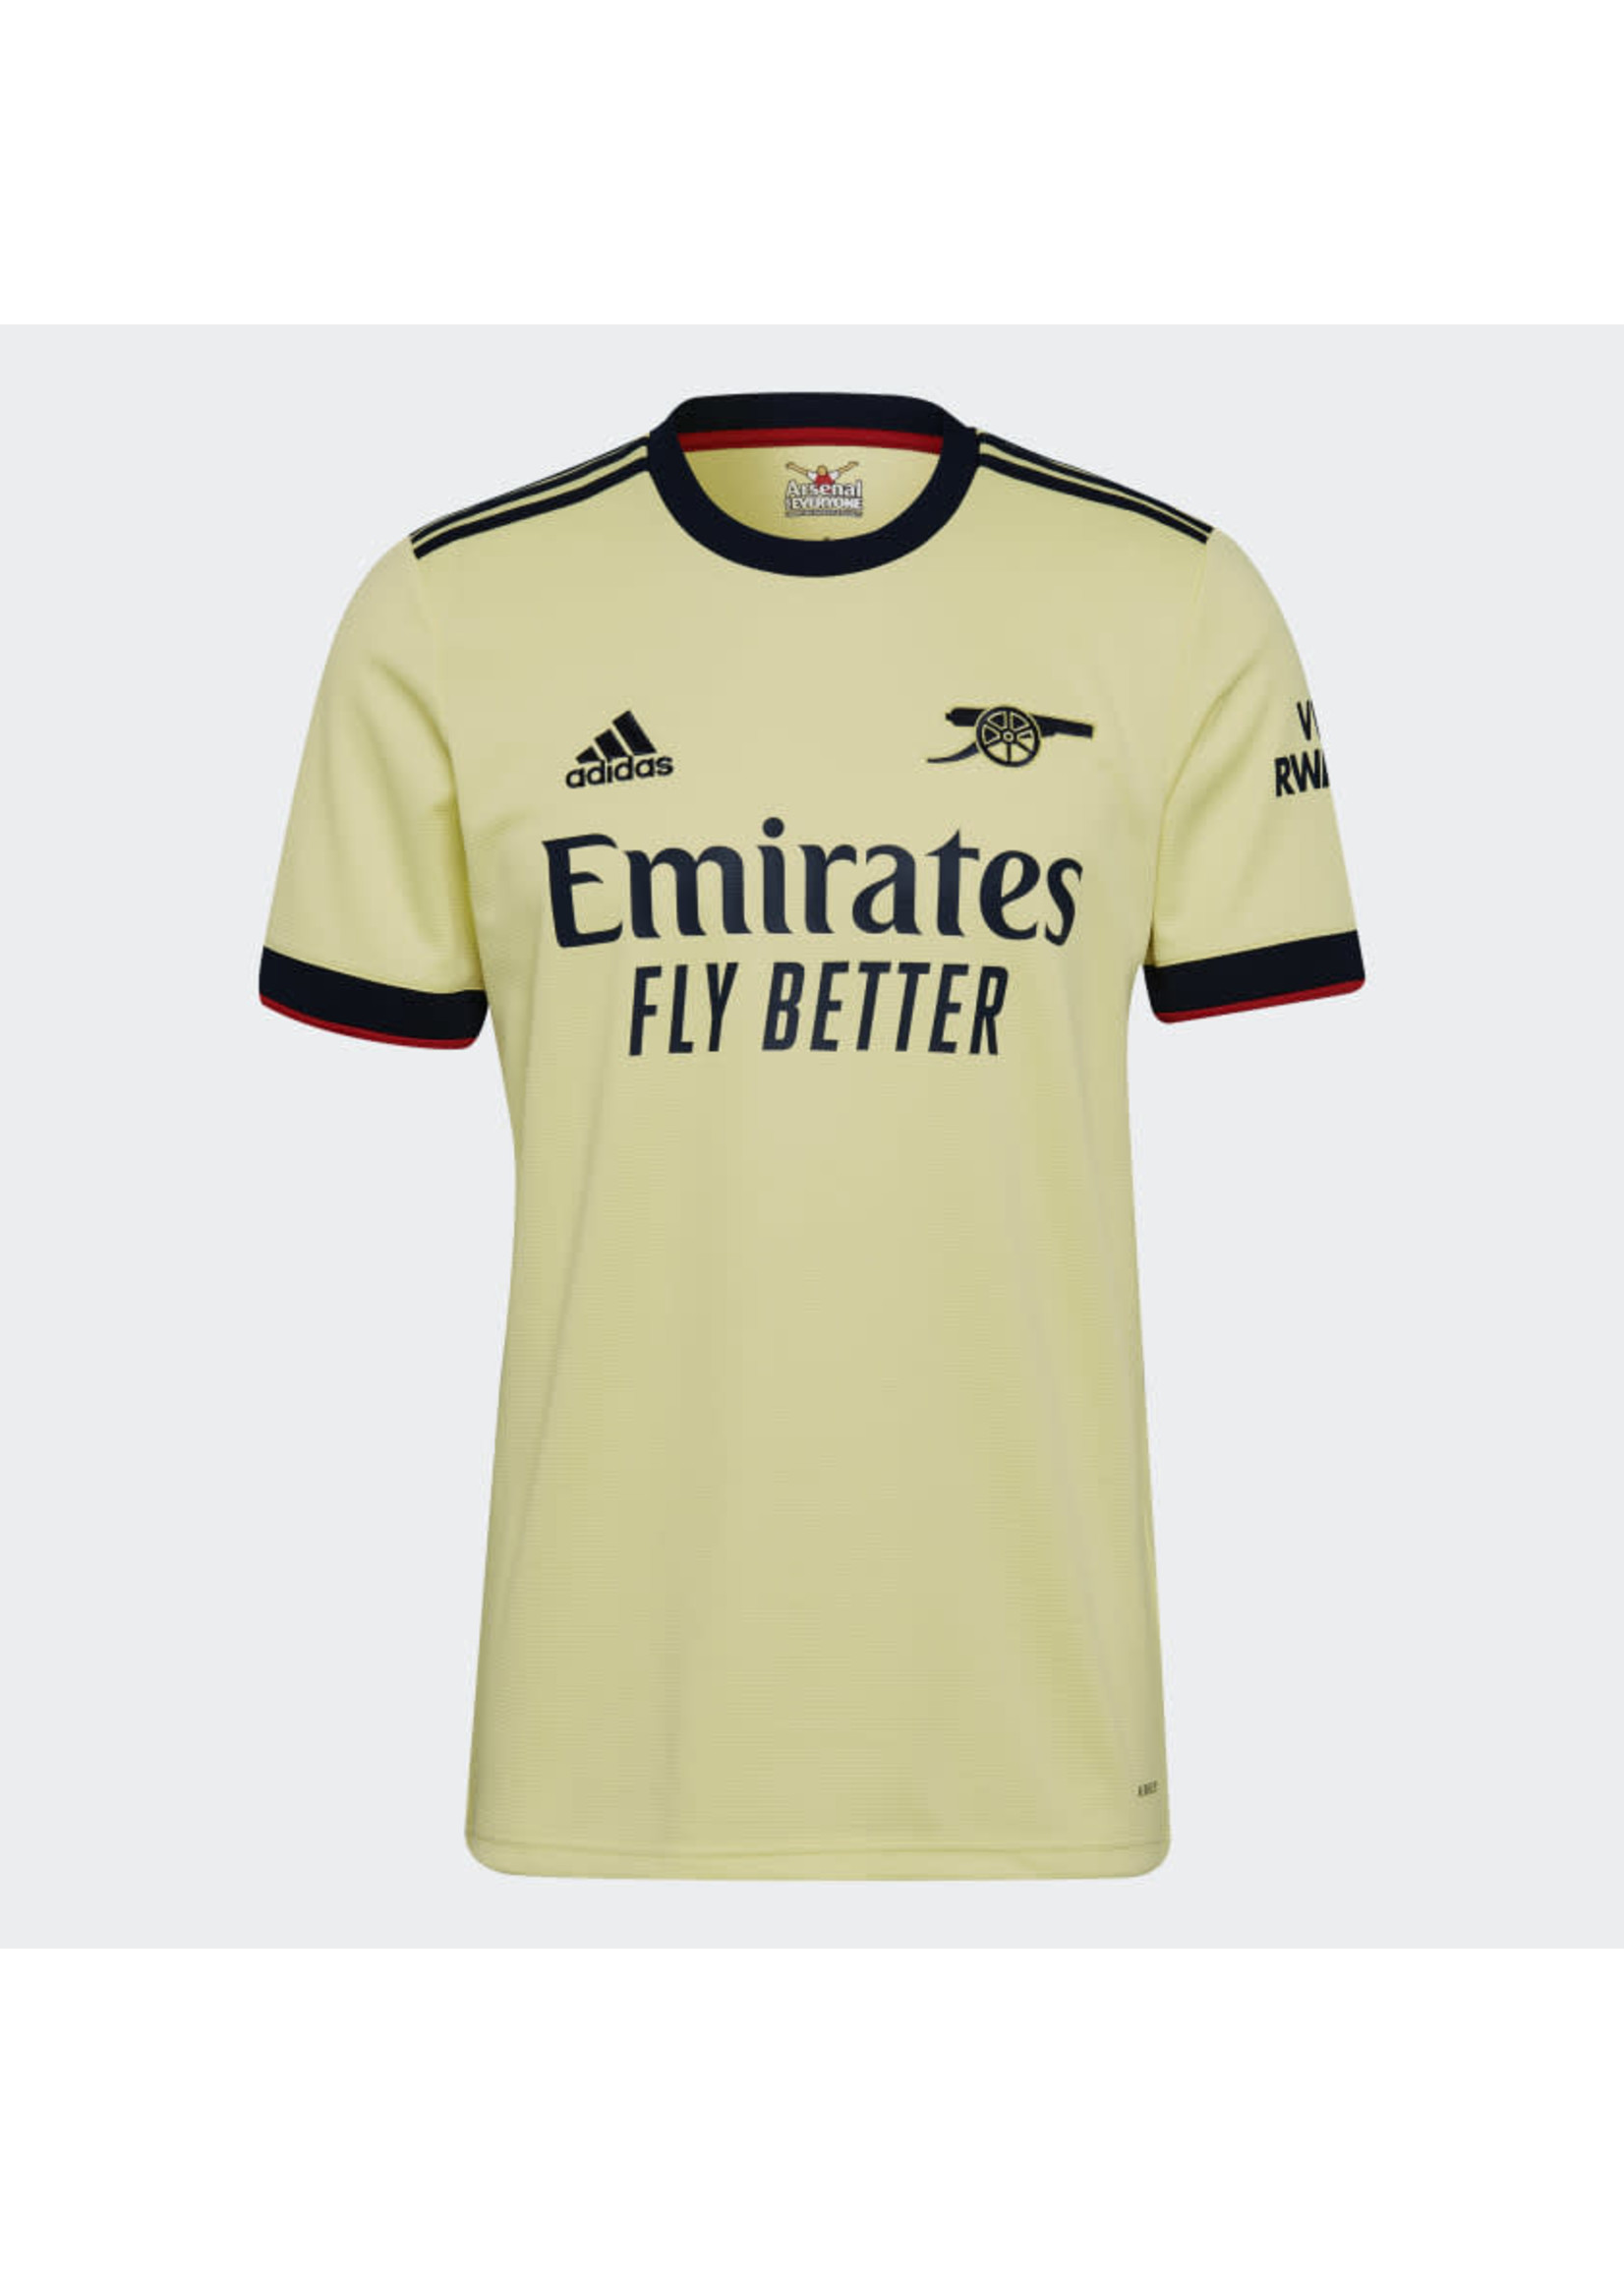 Adidas Arsenal 21/22 Away Jersey Adult